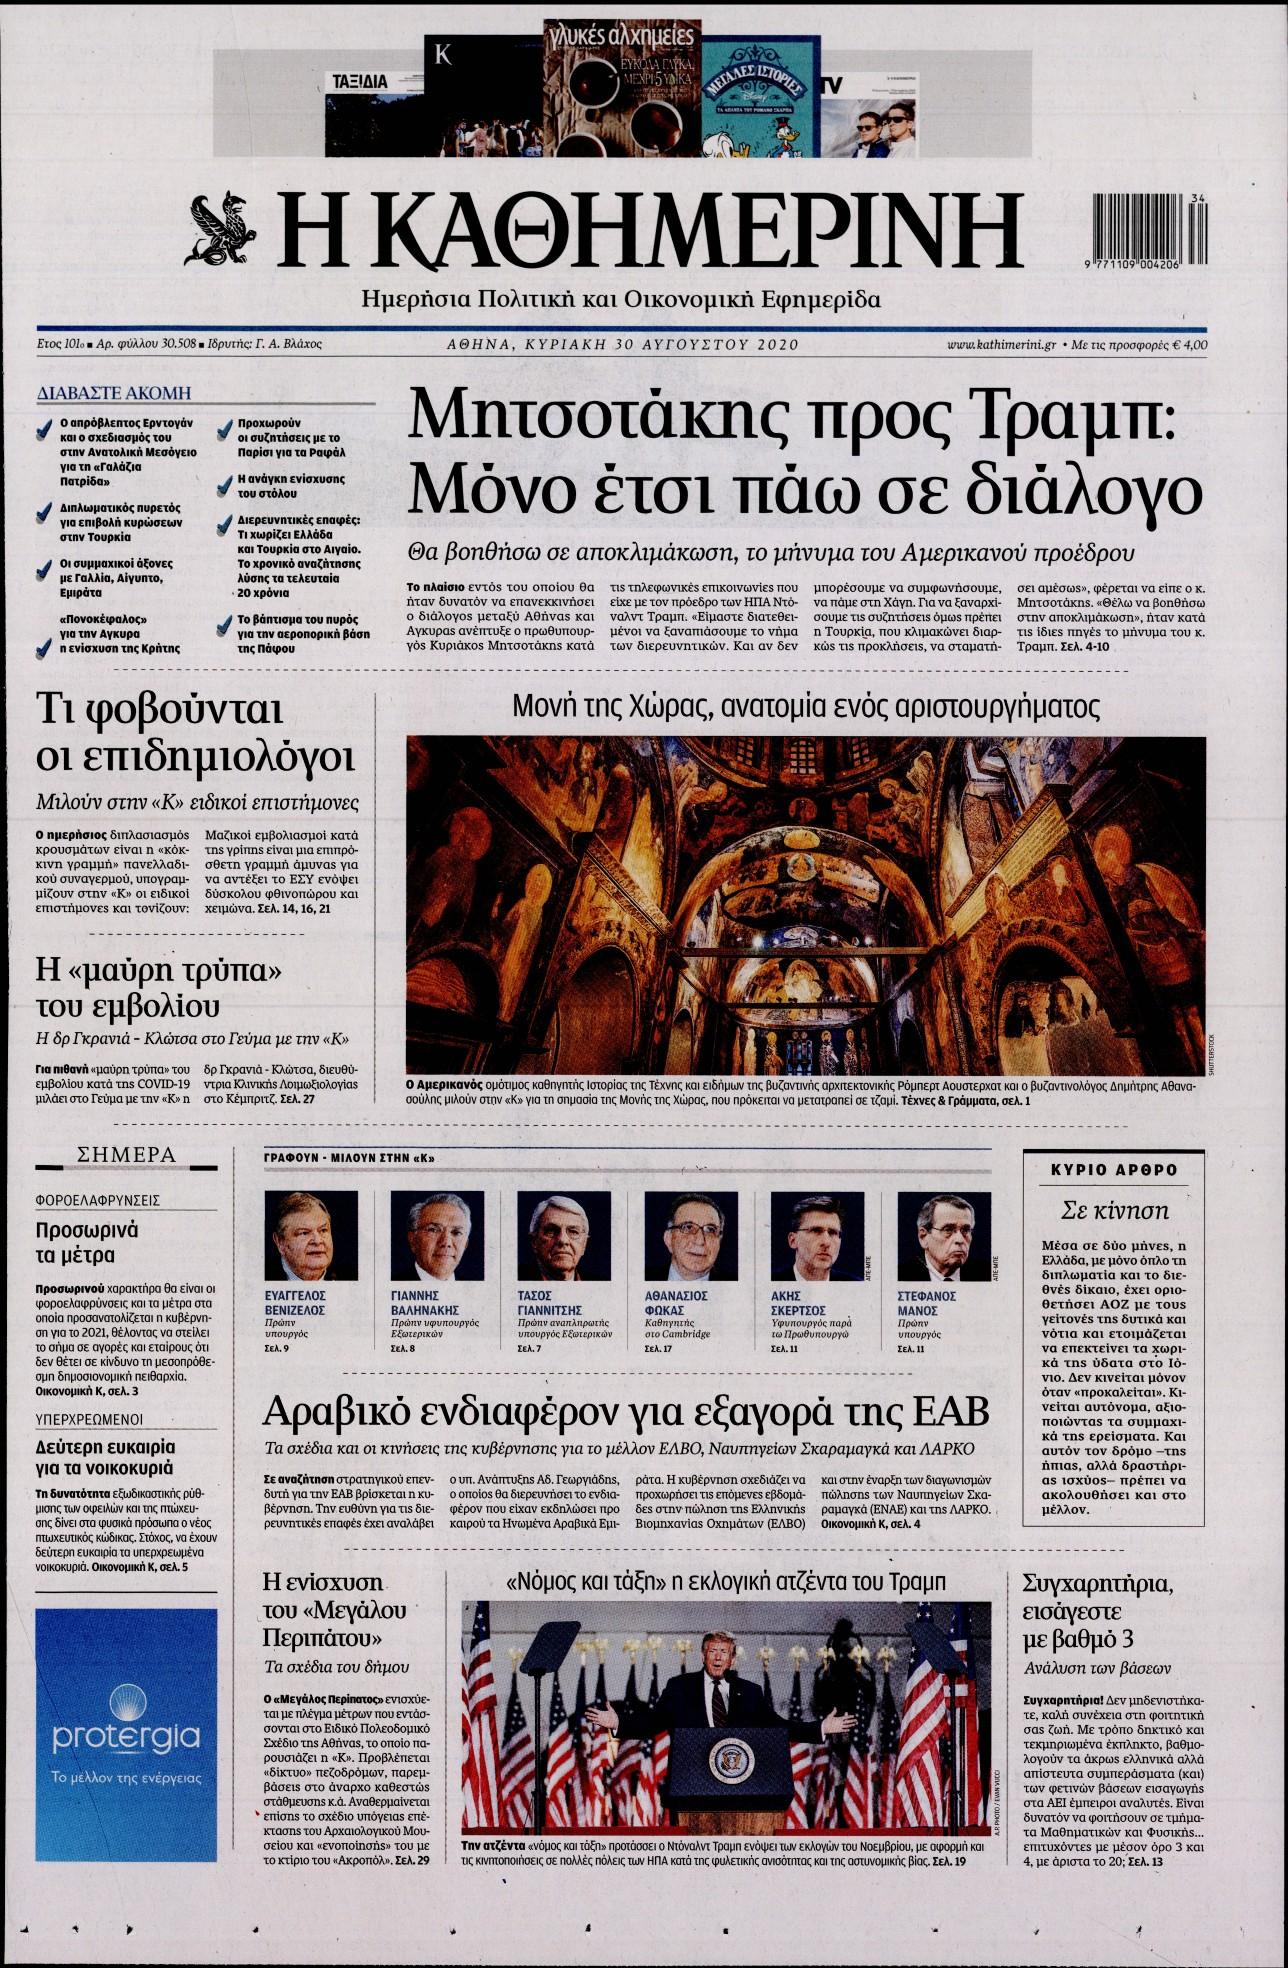 https://www.newsbeast.gr/files/1/newspapers/2020/08/30/27371251_15.jpg